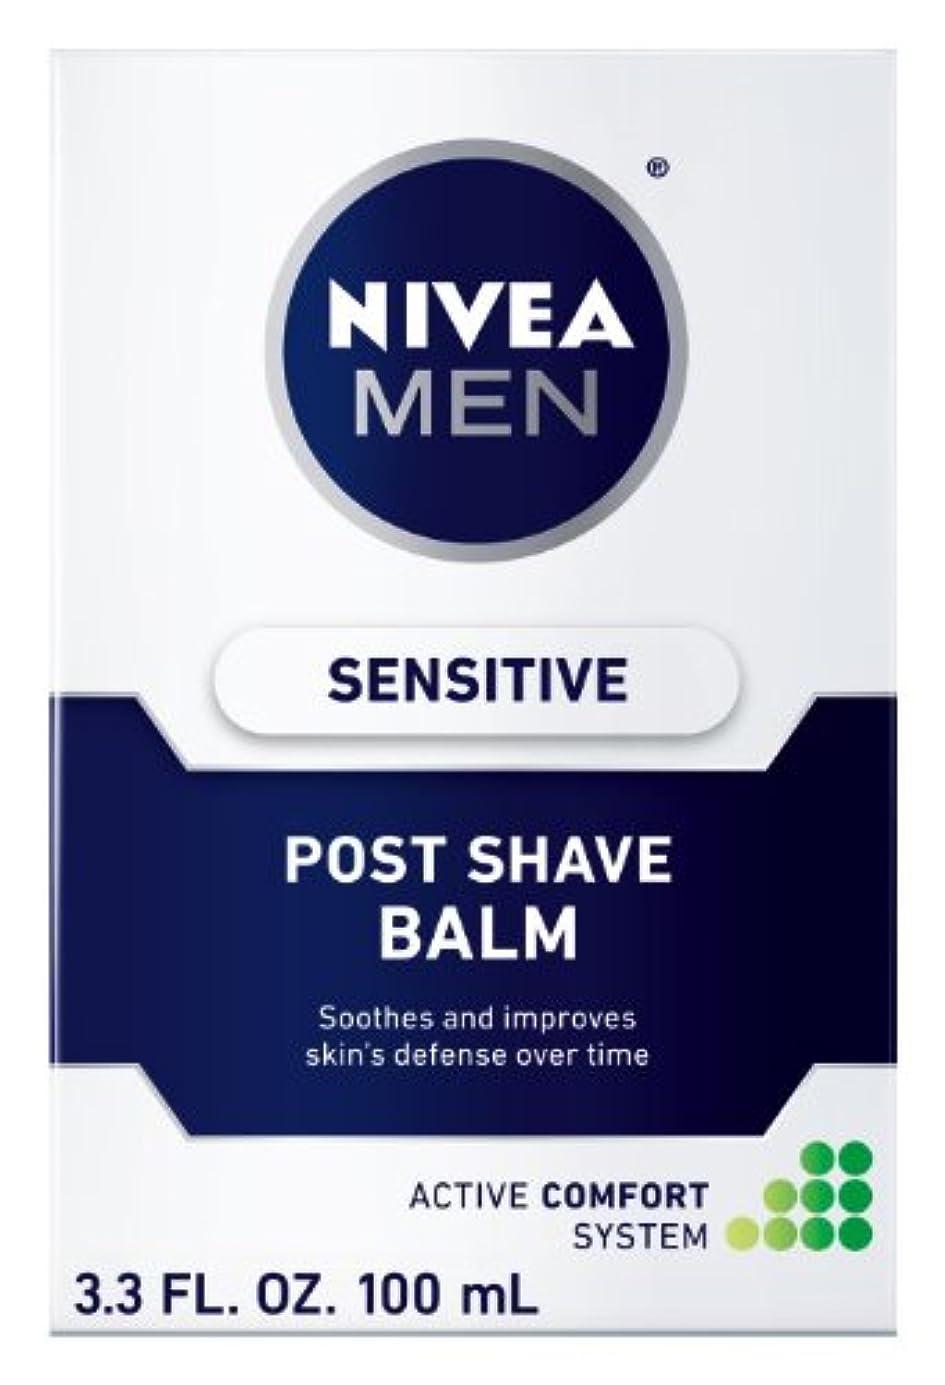 事前準備出席する【海外直送】 男性用ニベア 敏感肌用 アフターシェーブバーム(100ml) Nivea for Men Sensitive Post Shave Balm (3.3oz)